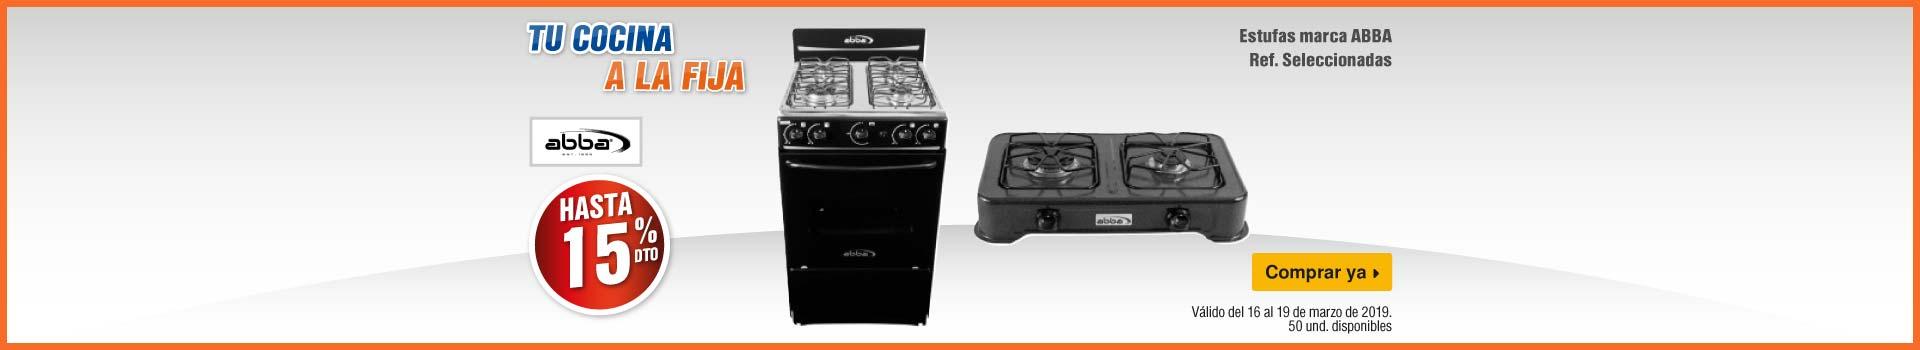 AK-KT-mayores-2-ELECT-BCAT-cocina-abba-160319